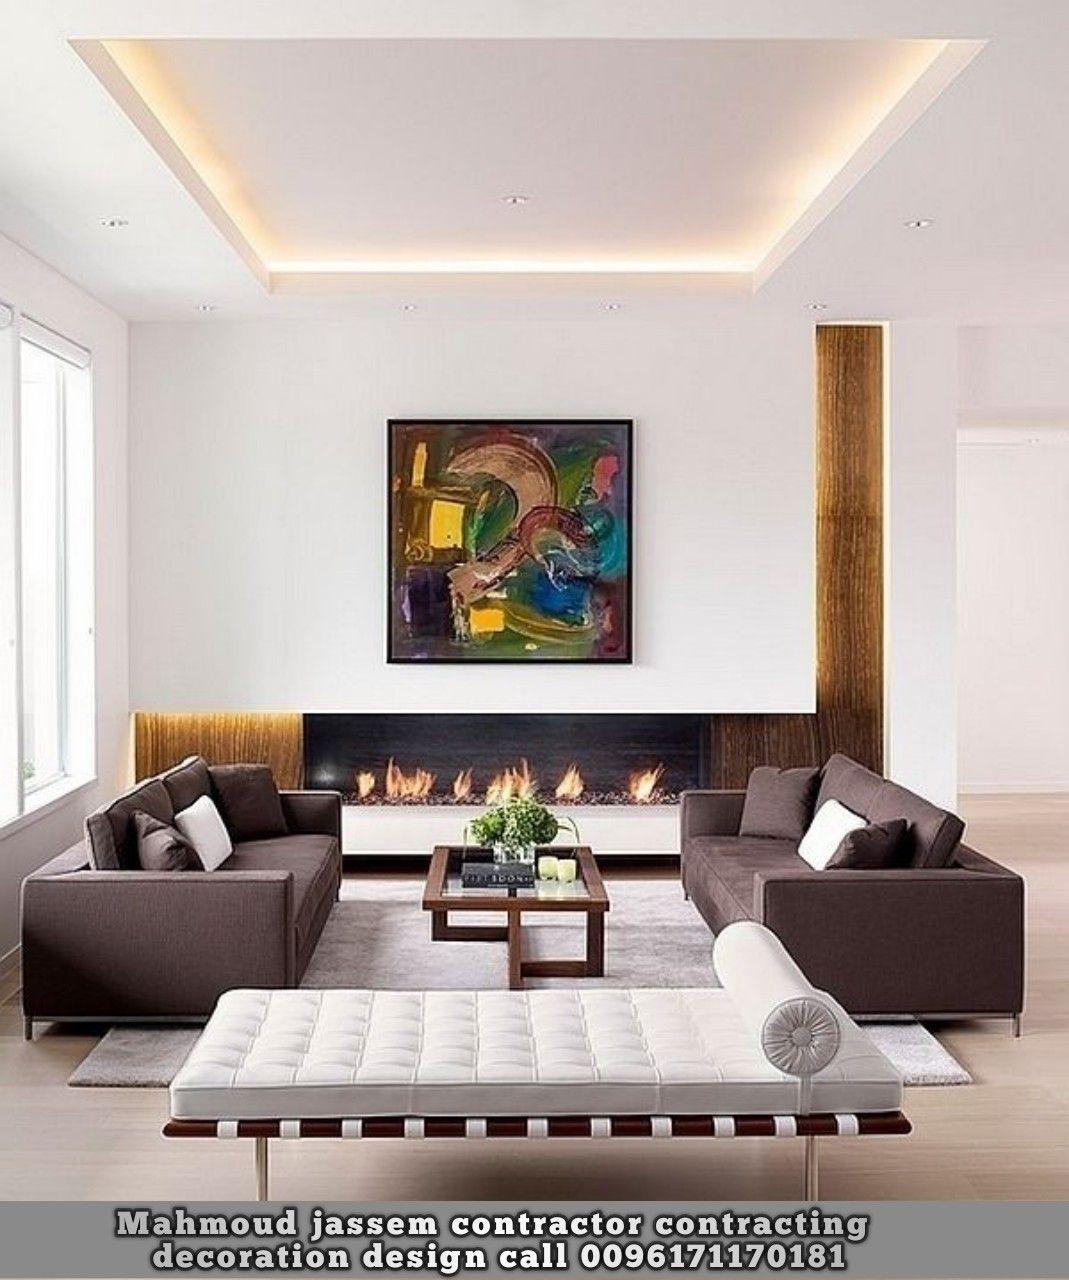 تجهيز صالونات محلات شقق مكاتب منازل قصور ديكور راقي مودرن وافضل سعر تع Ceiling Design Living Room Modern Minimalist Living Room Contemporary Living Room Design